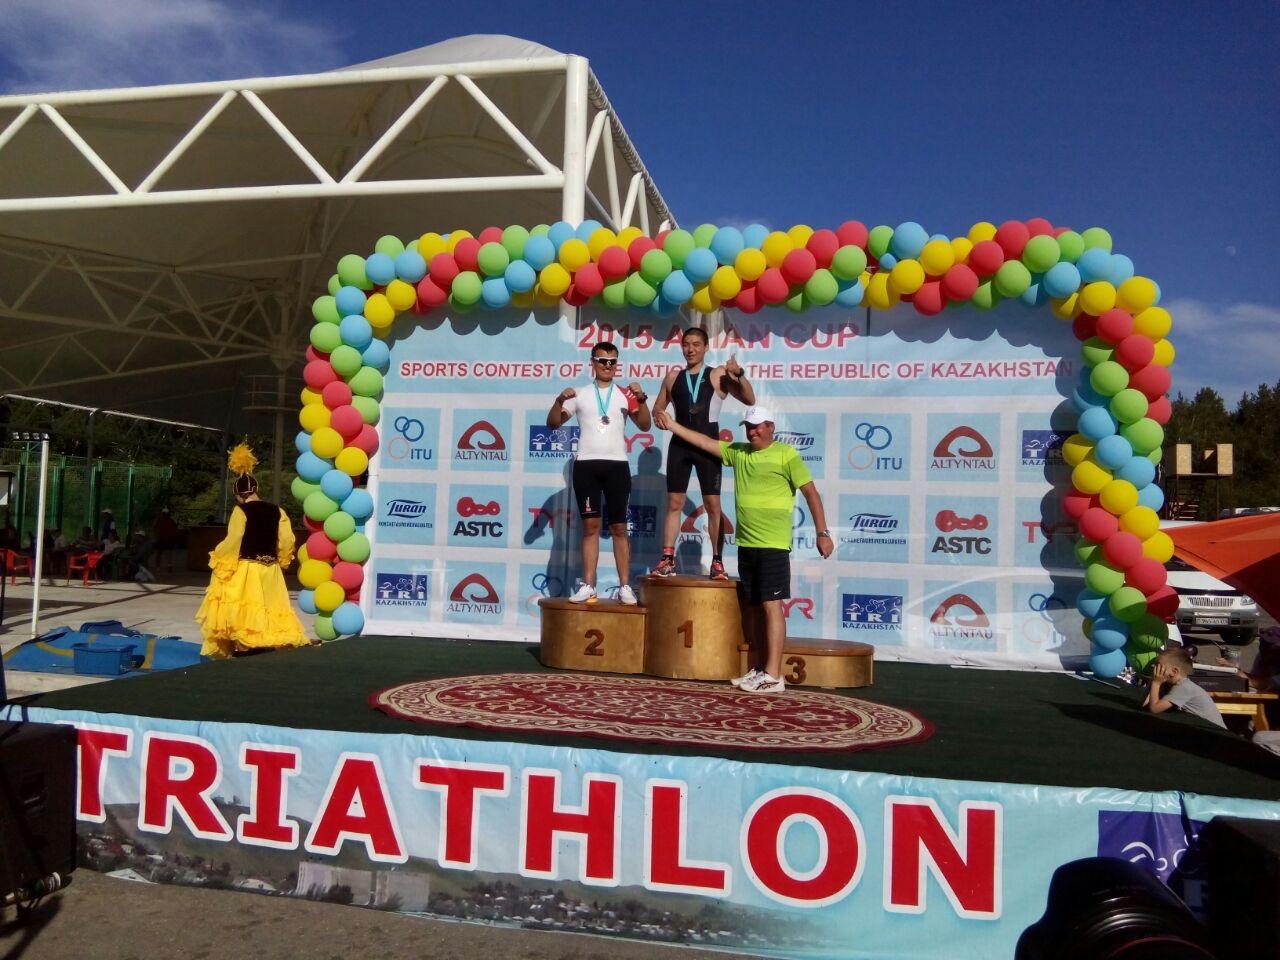 Кубок Азии по триатлону в Казахстане